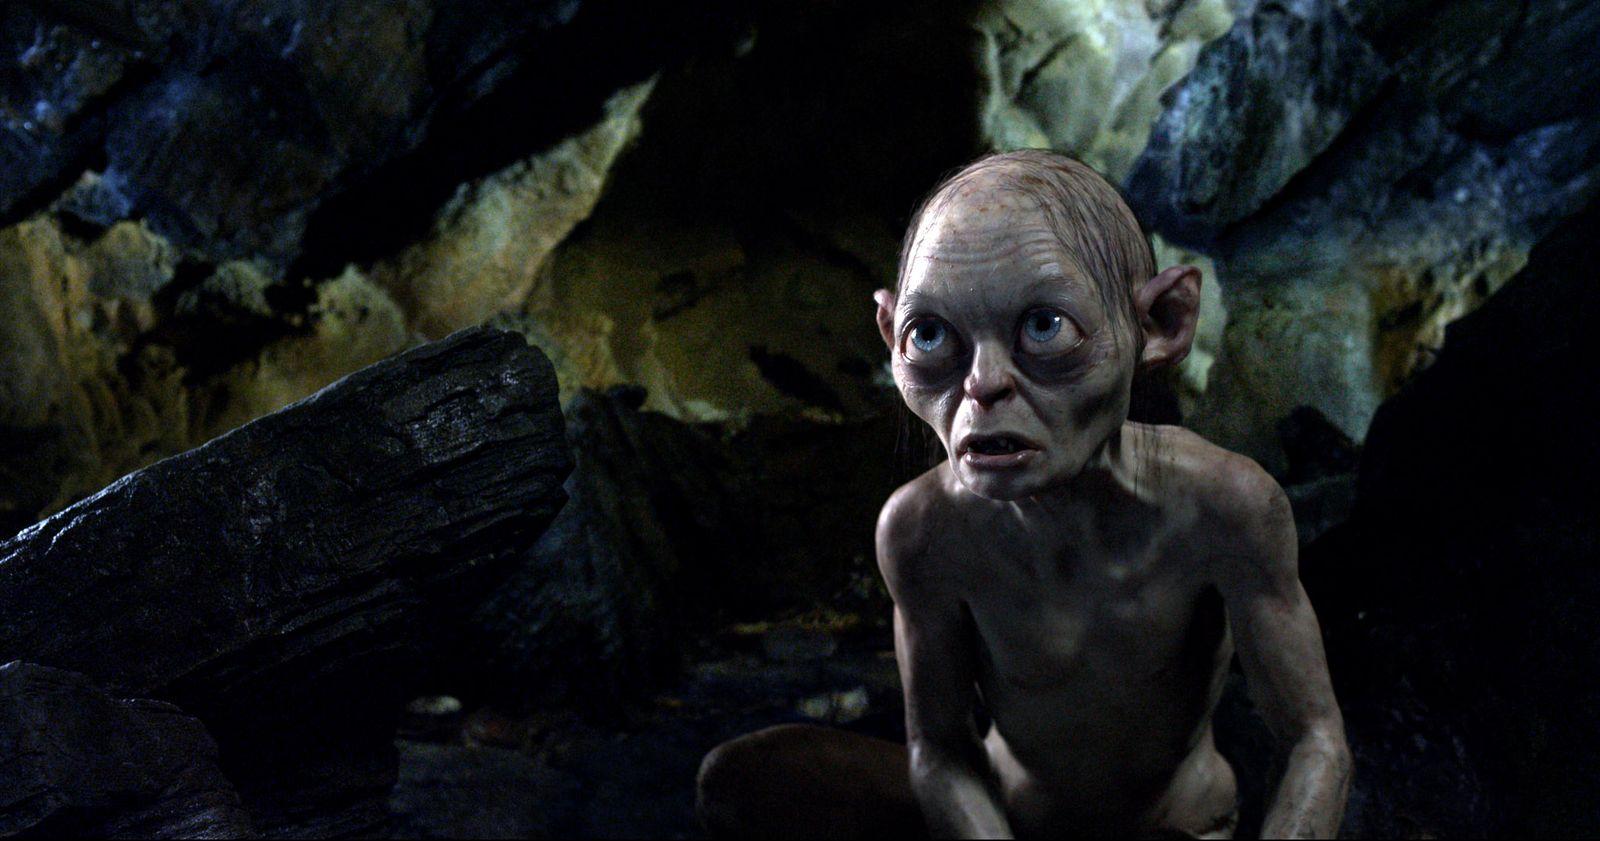 Film-The Hobbit